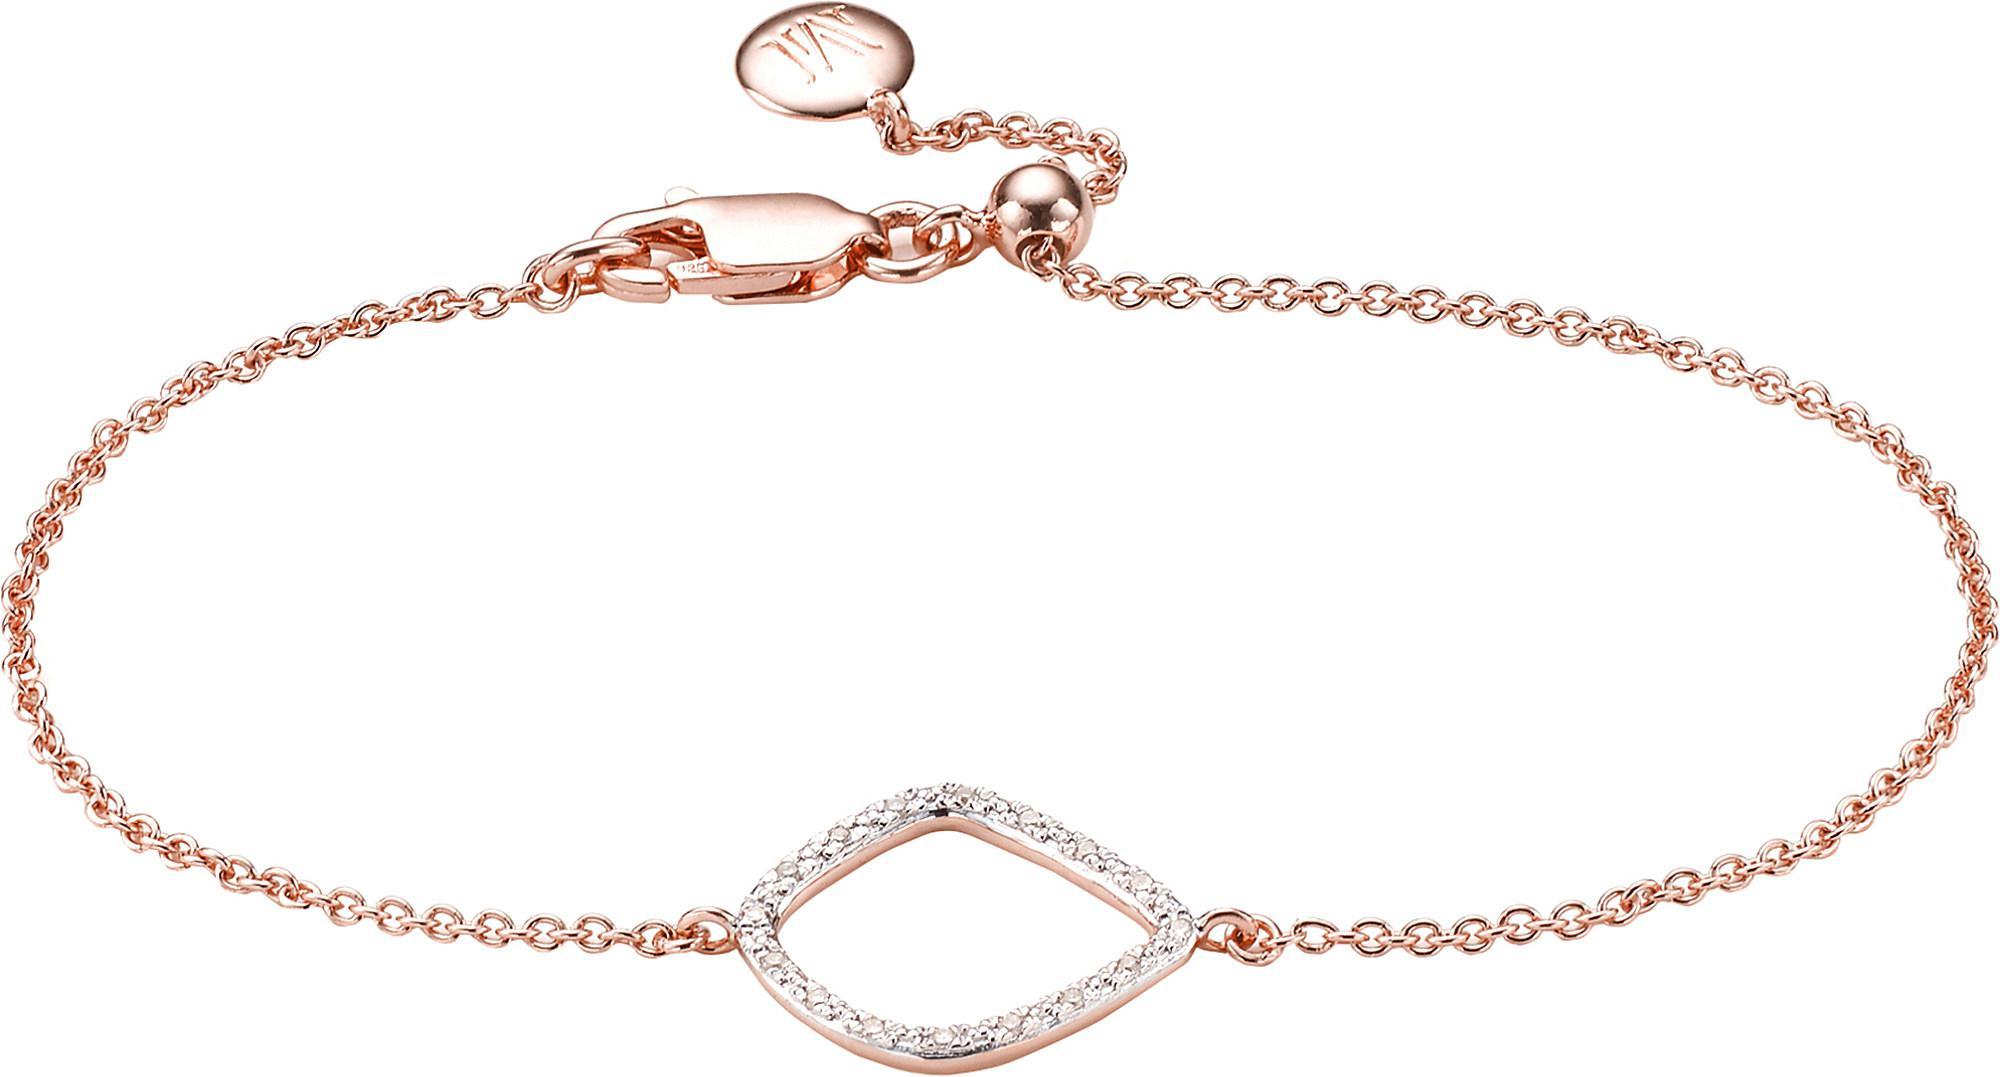 Sterling Silver Riva Diamond Kite Chain Bracelet Diamond Monica Vinader VRw0ZnCery